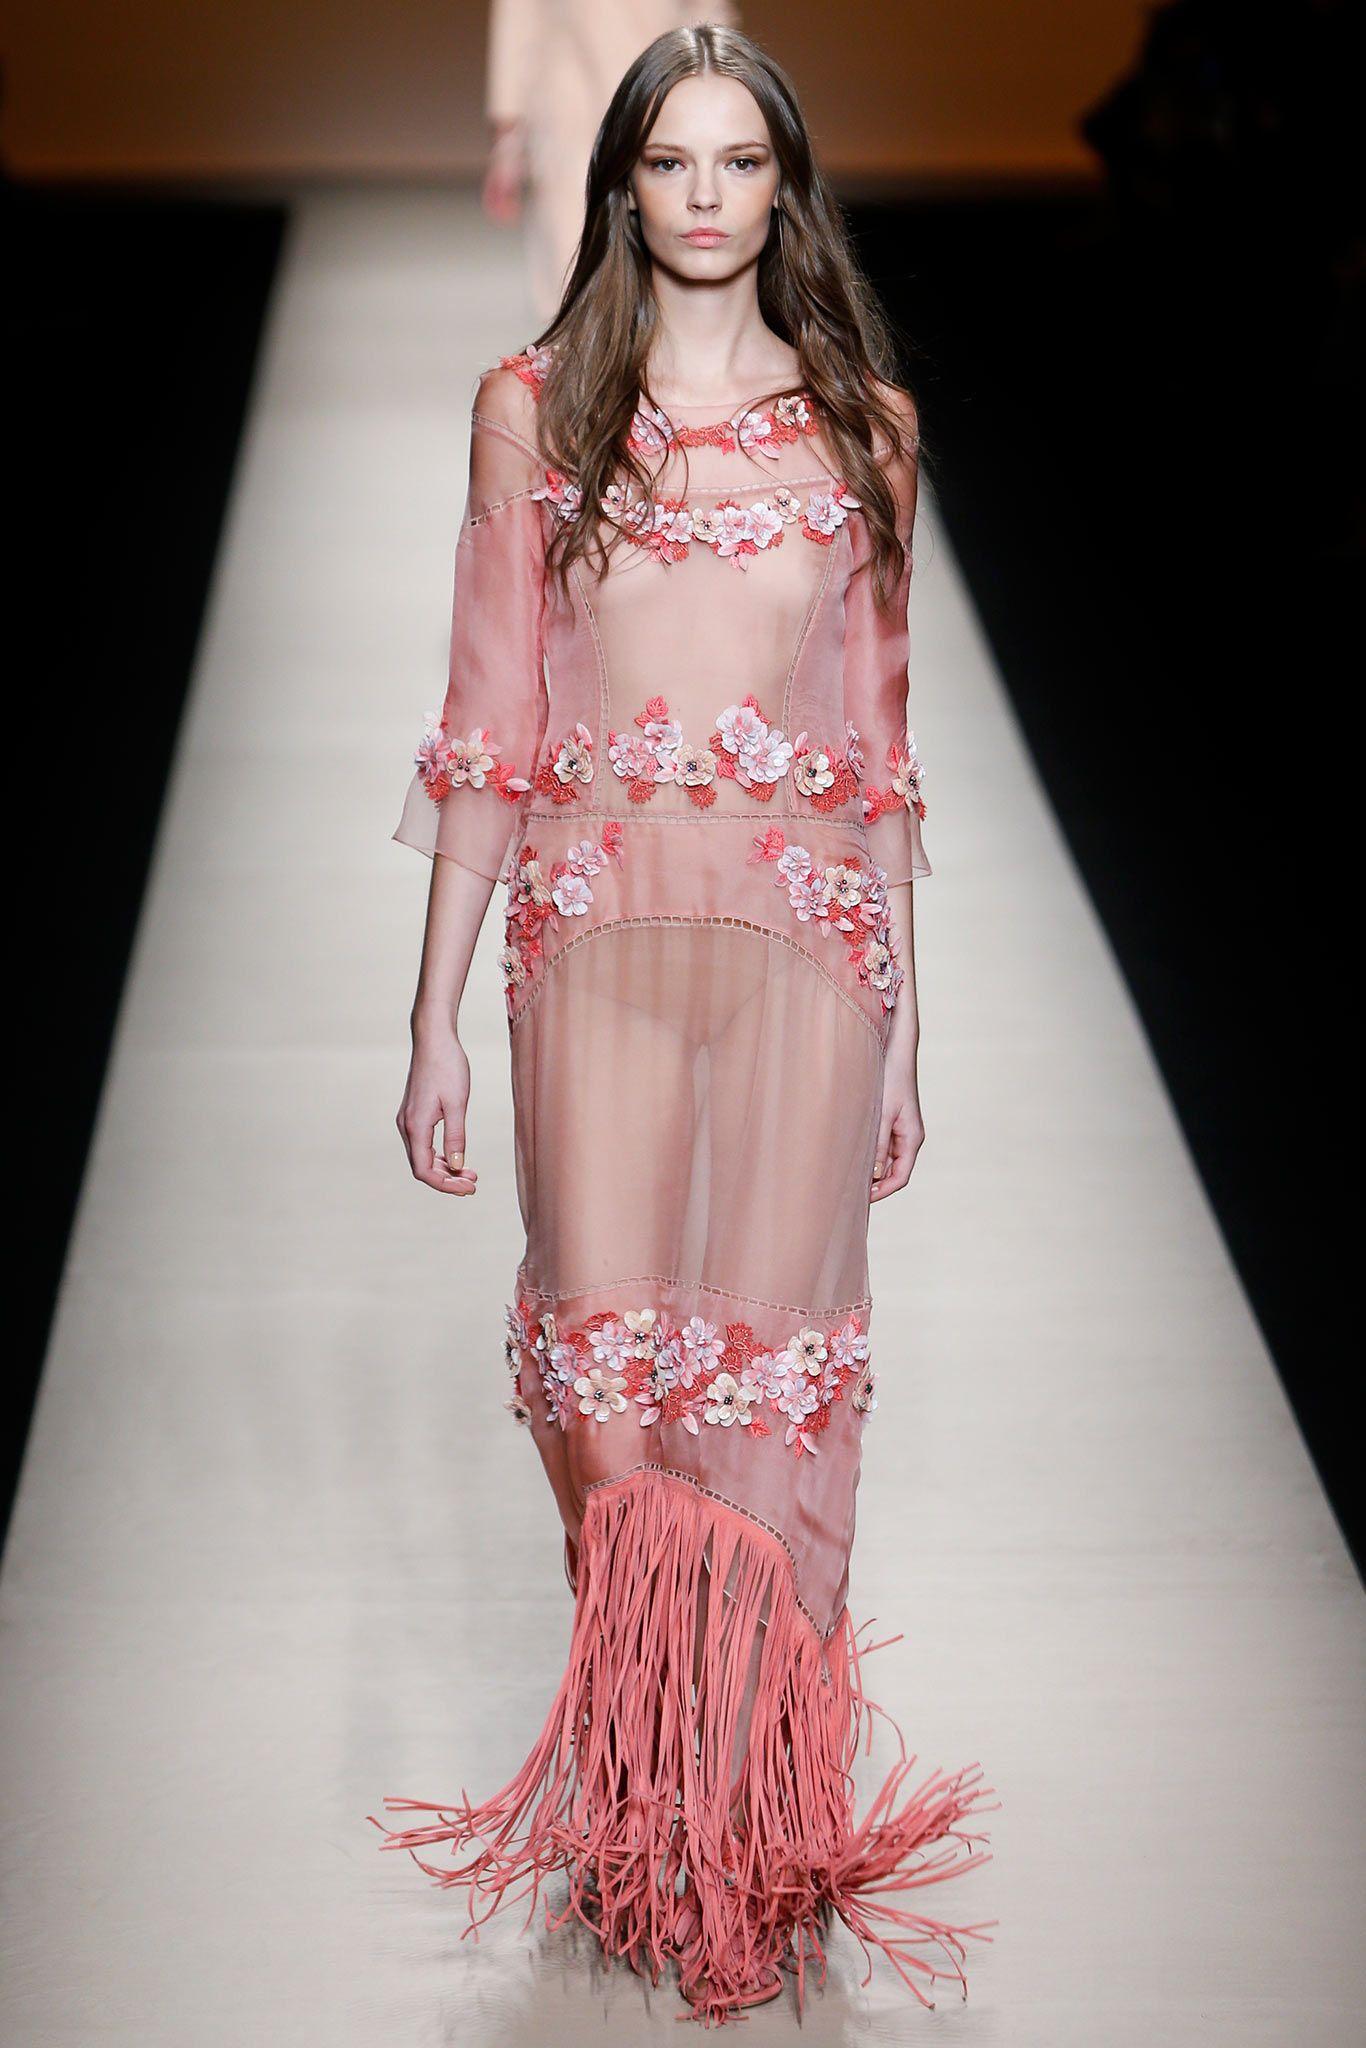 Alberta Ferretti | Spring/Summer 2015 Ready-to-Wear Collection via Alberta Ferretti | September 17, 2014 | Style.com